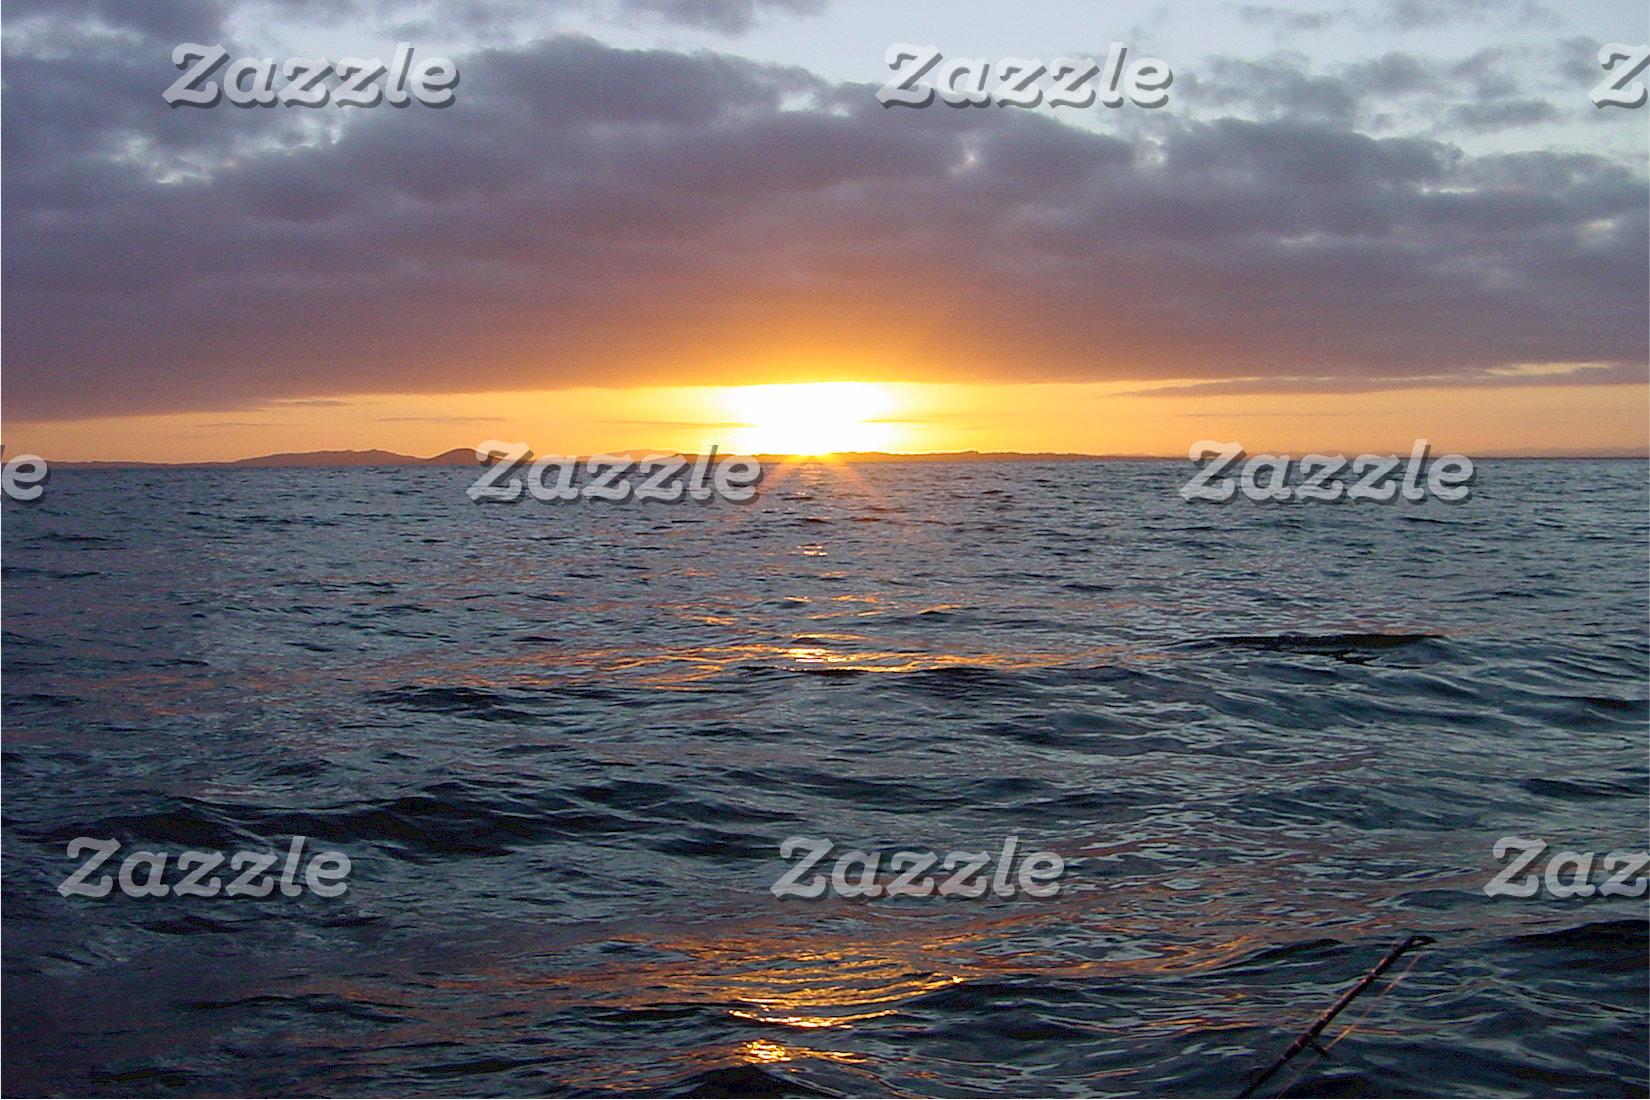 Arise Shine - Isaiah 60:1